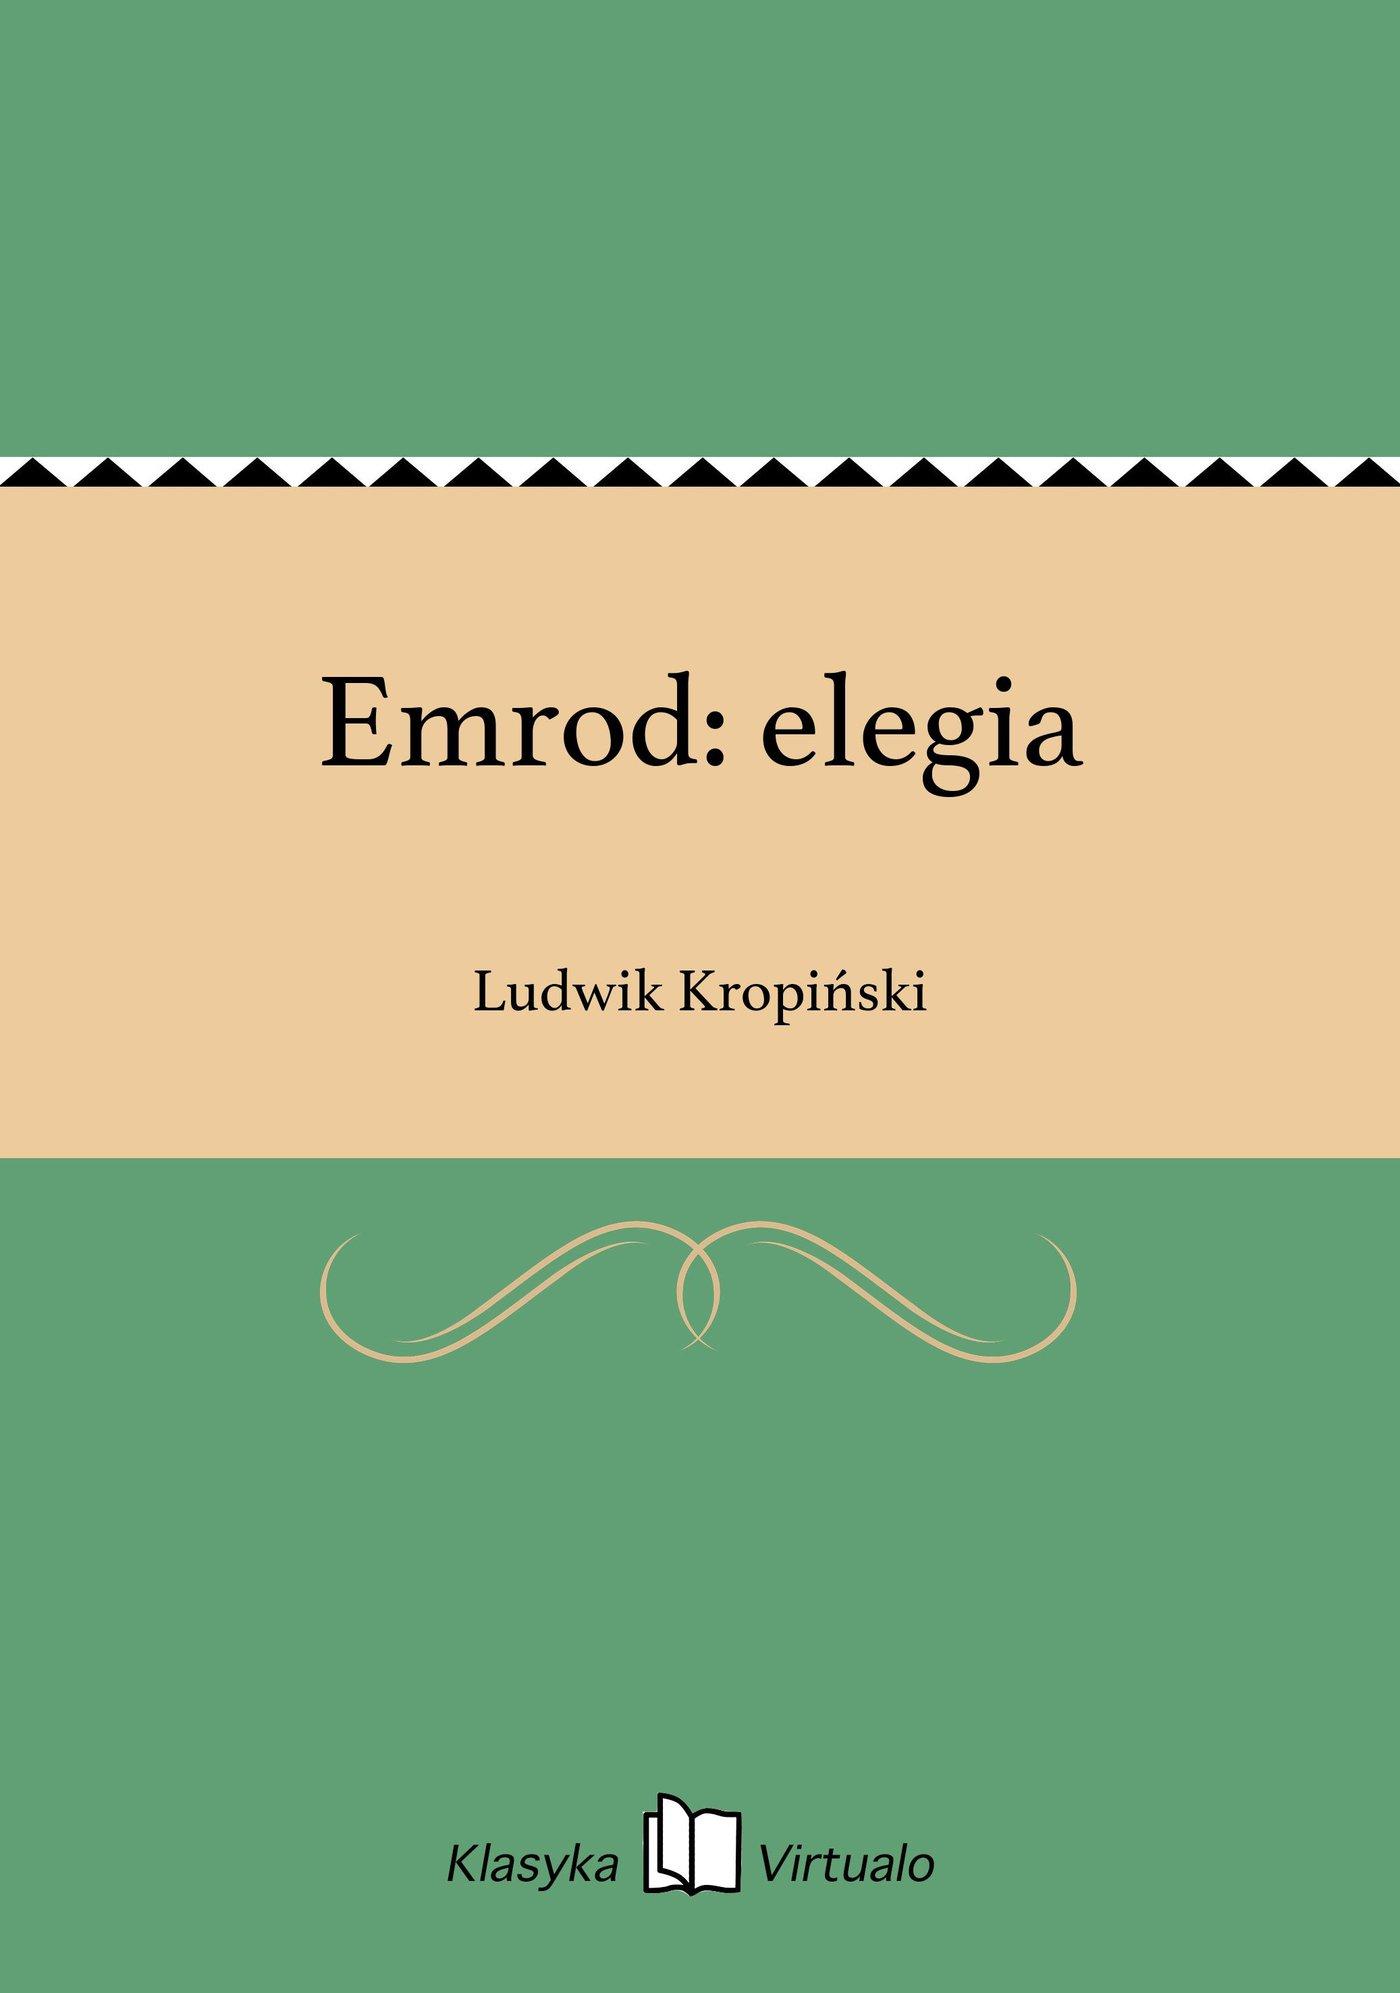 Emrod: elegia - Ebook (Książka EPUB) do pobrania w formacie EPUB